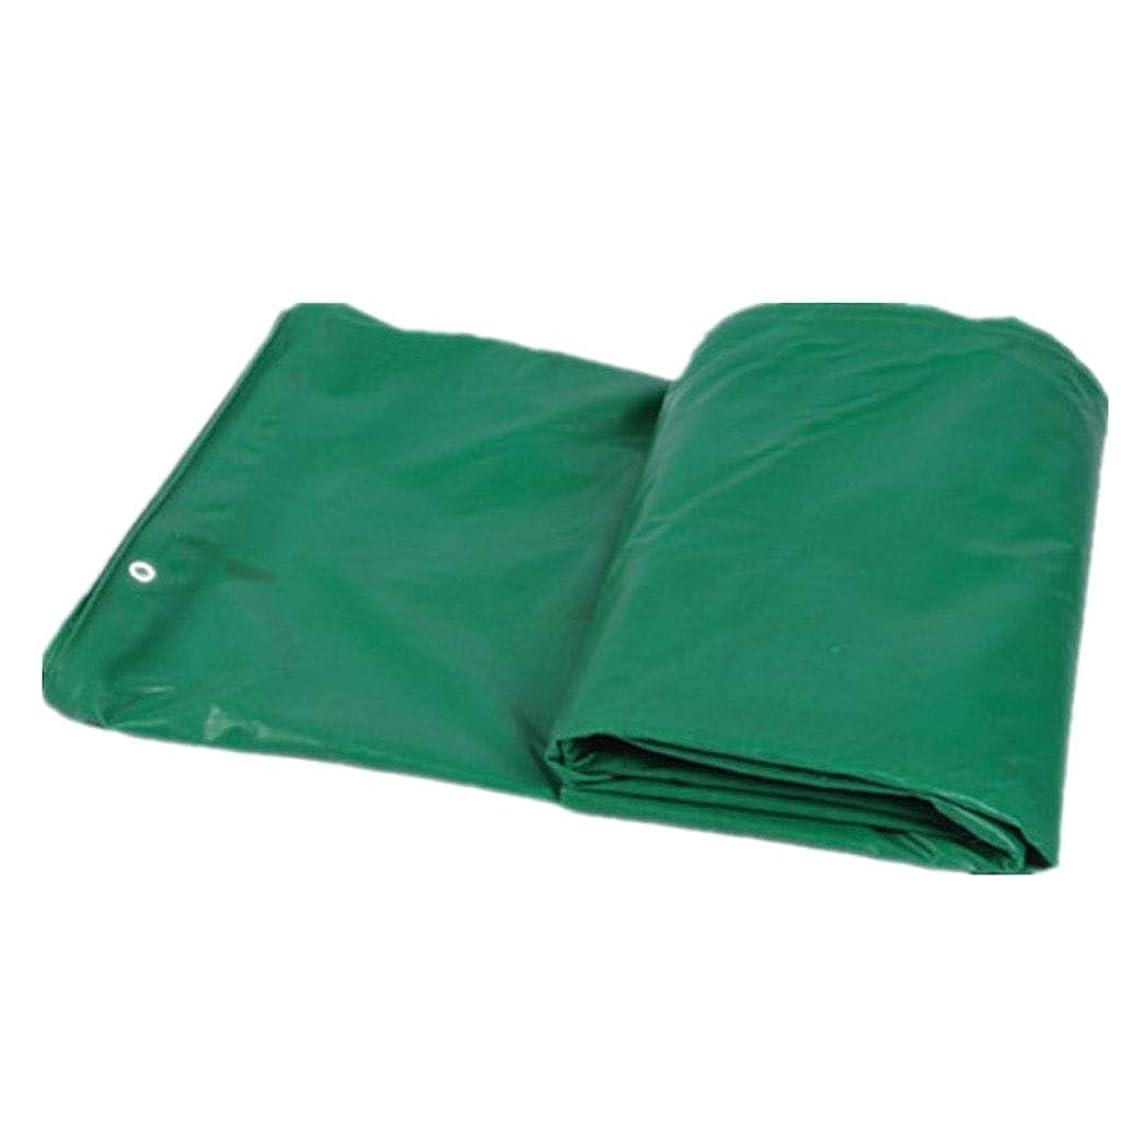 なす印象むちゃくちゃDS-ターポリン 防水布、防雨布、防水キャンバス、屋外トラックレインカバー、グリーンPVCカーターポリン && (Size : 5x6m)